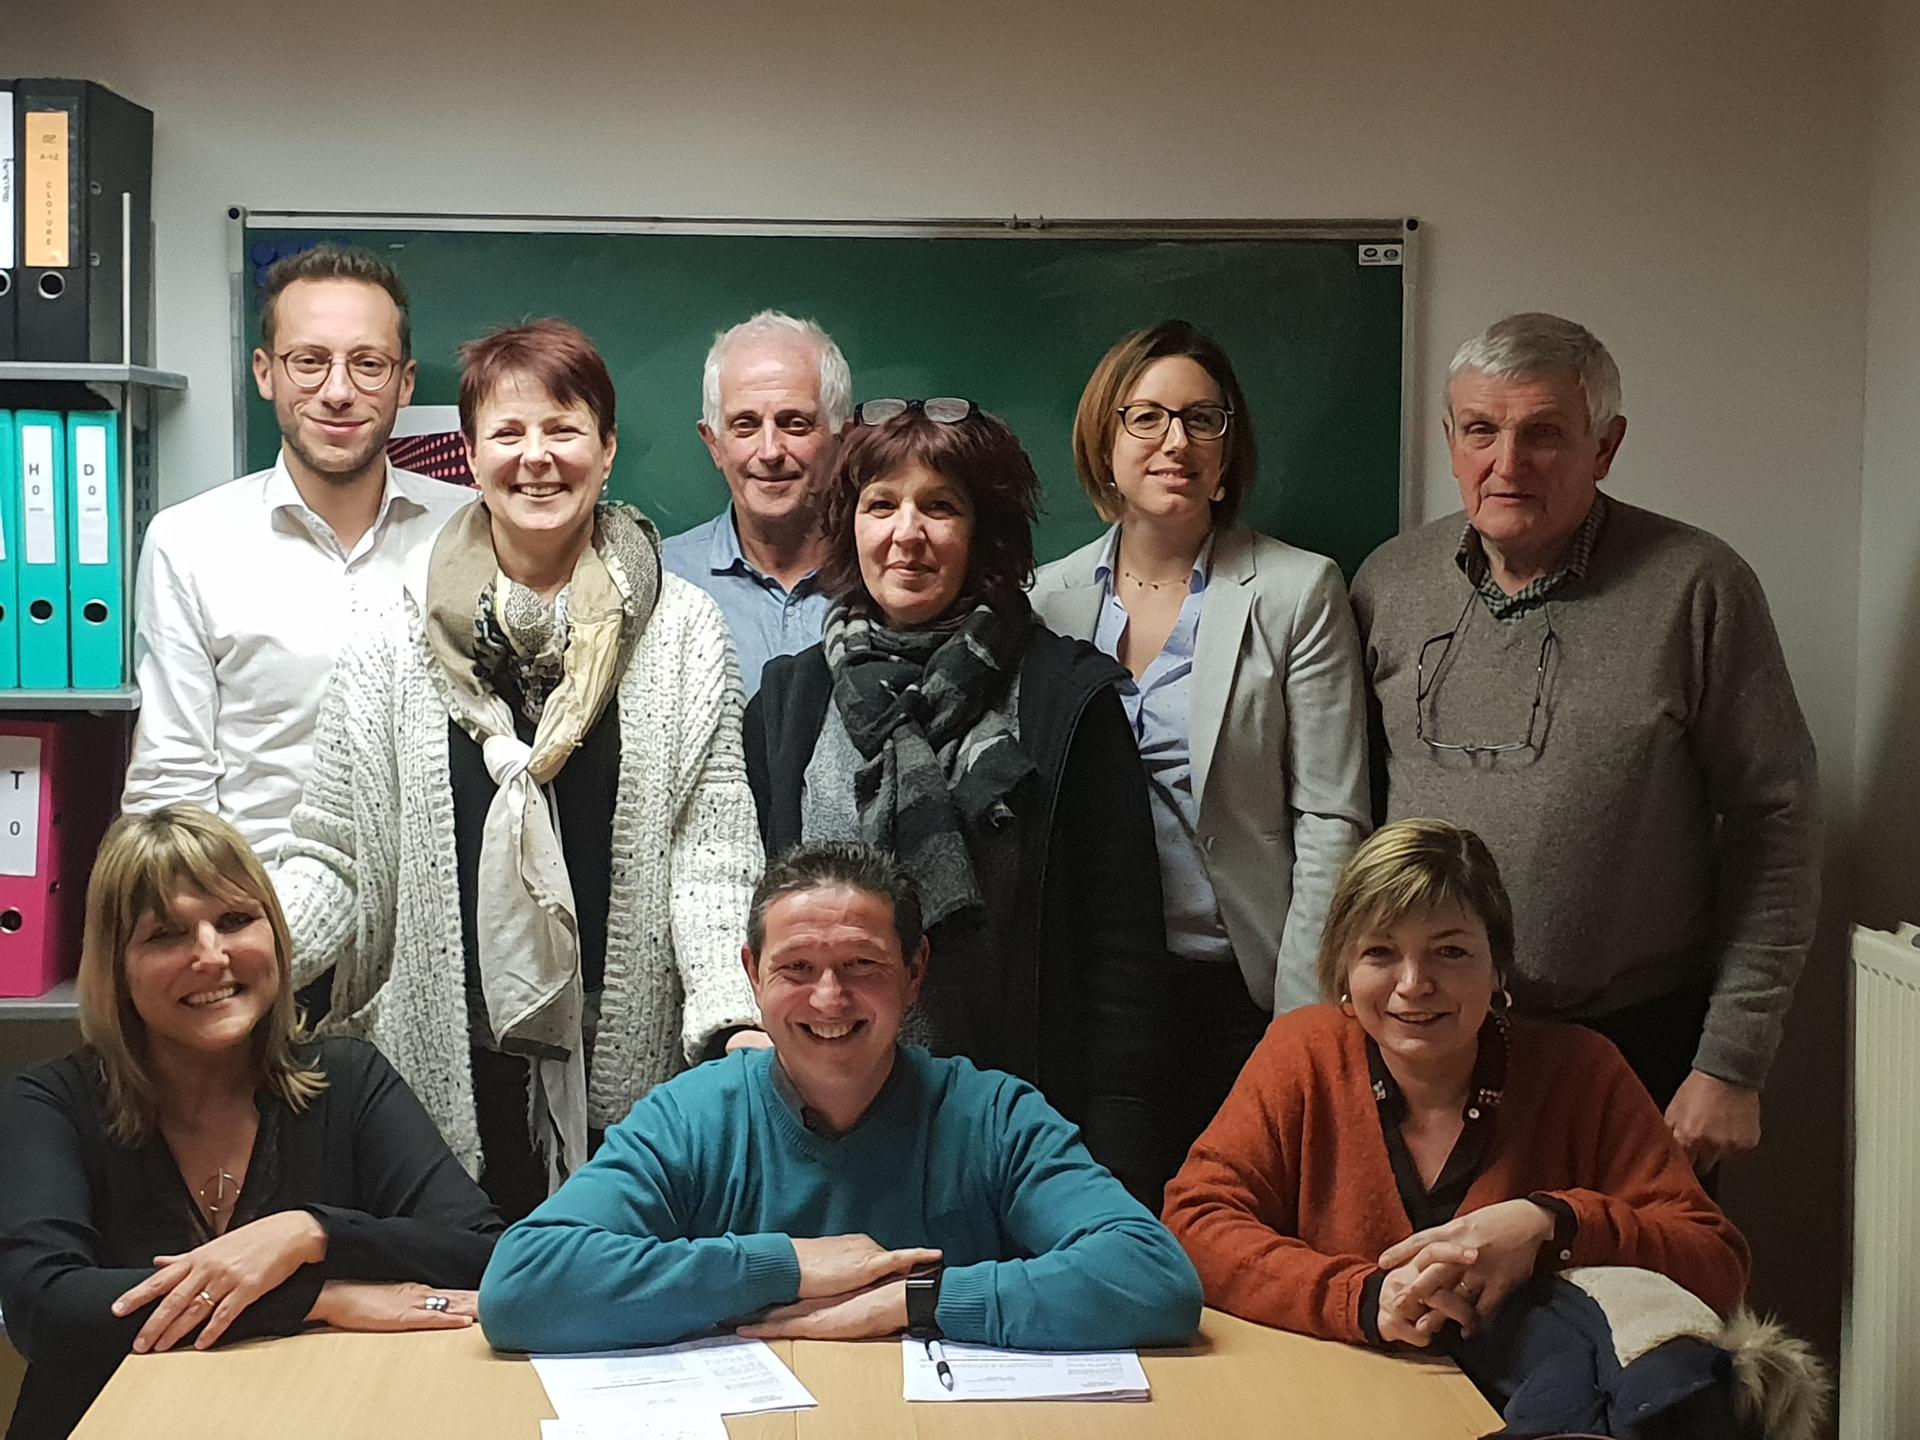 ConseilCPAS 2019